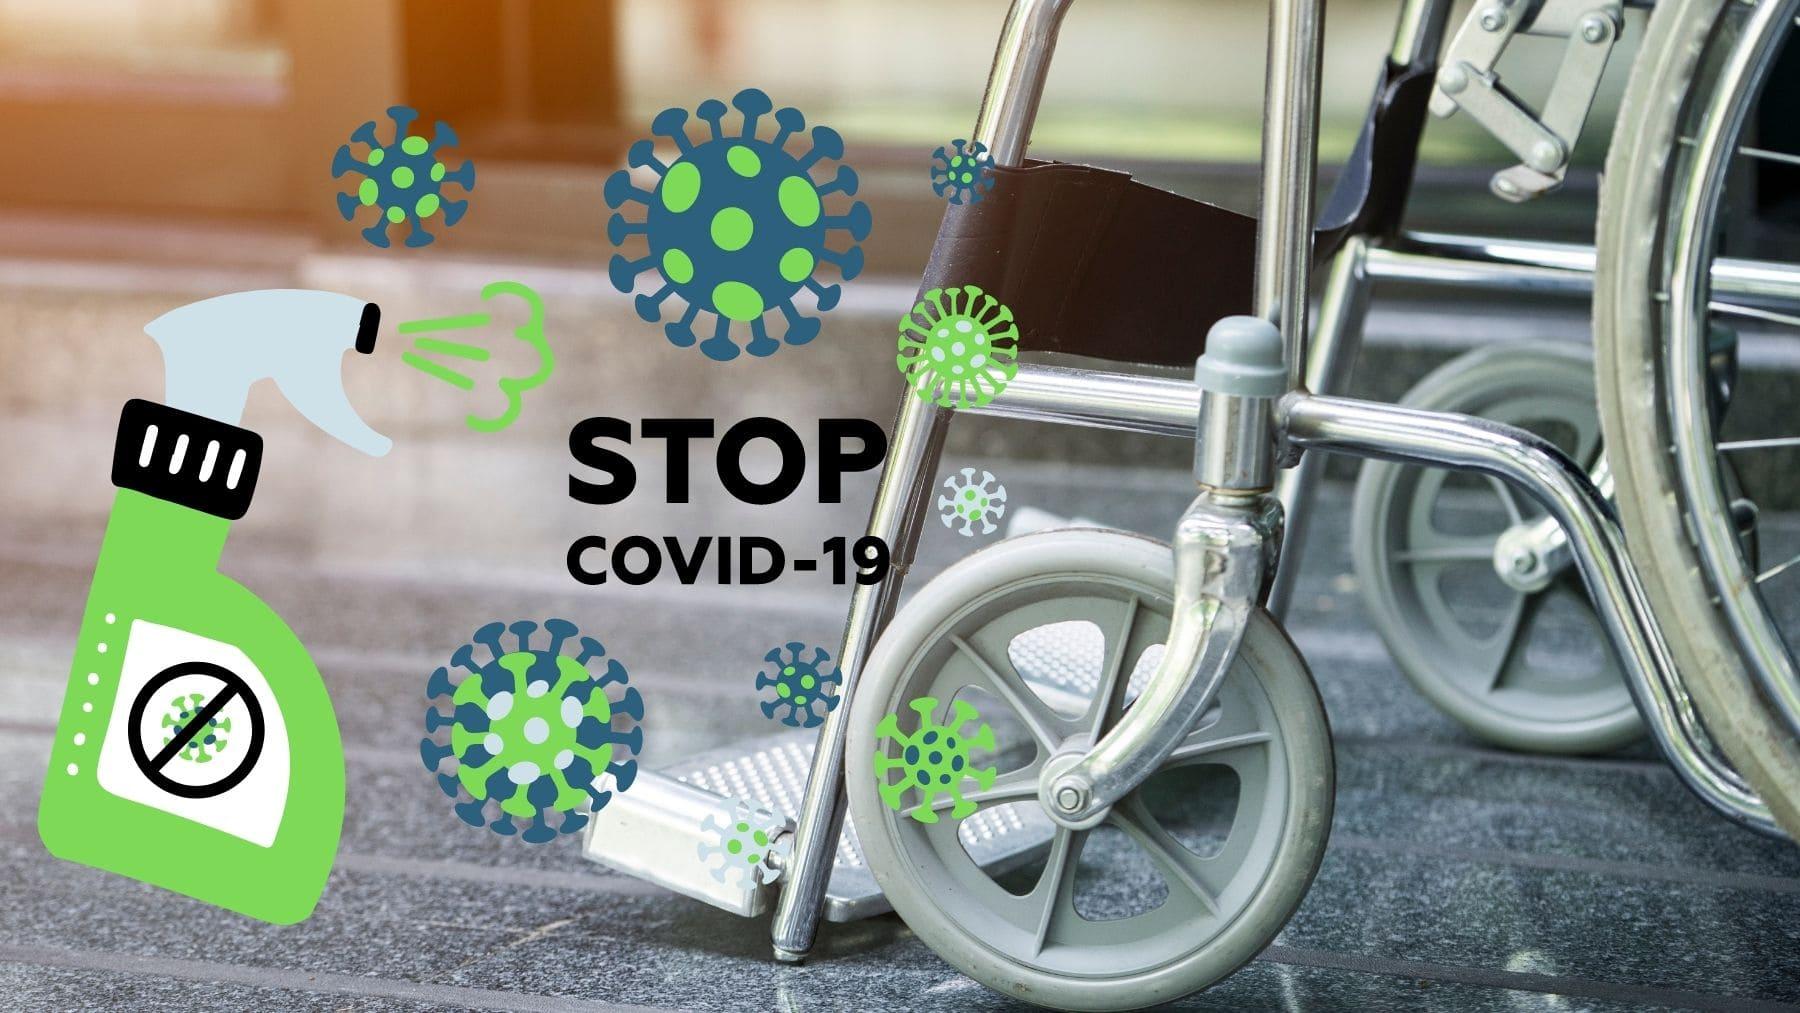 Desinfectar silla de ruedas Covid-19